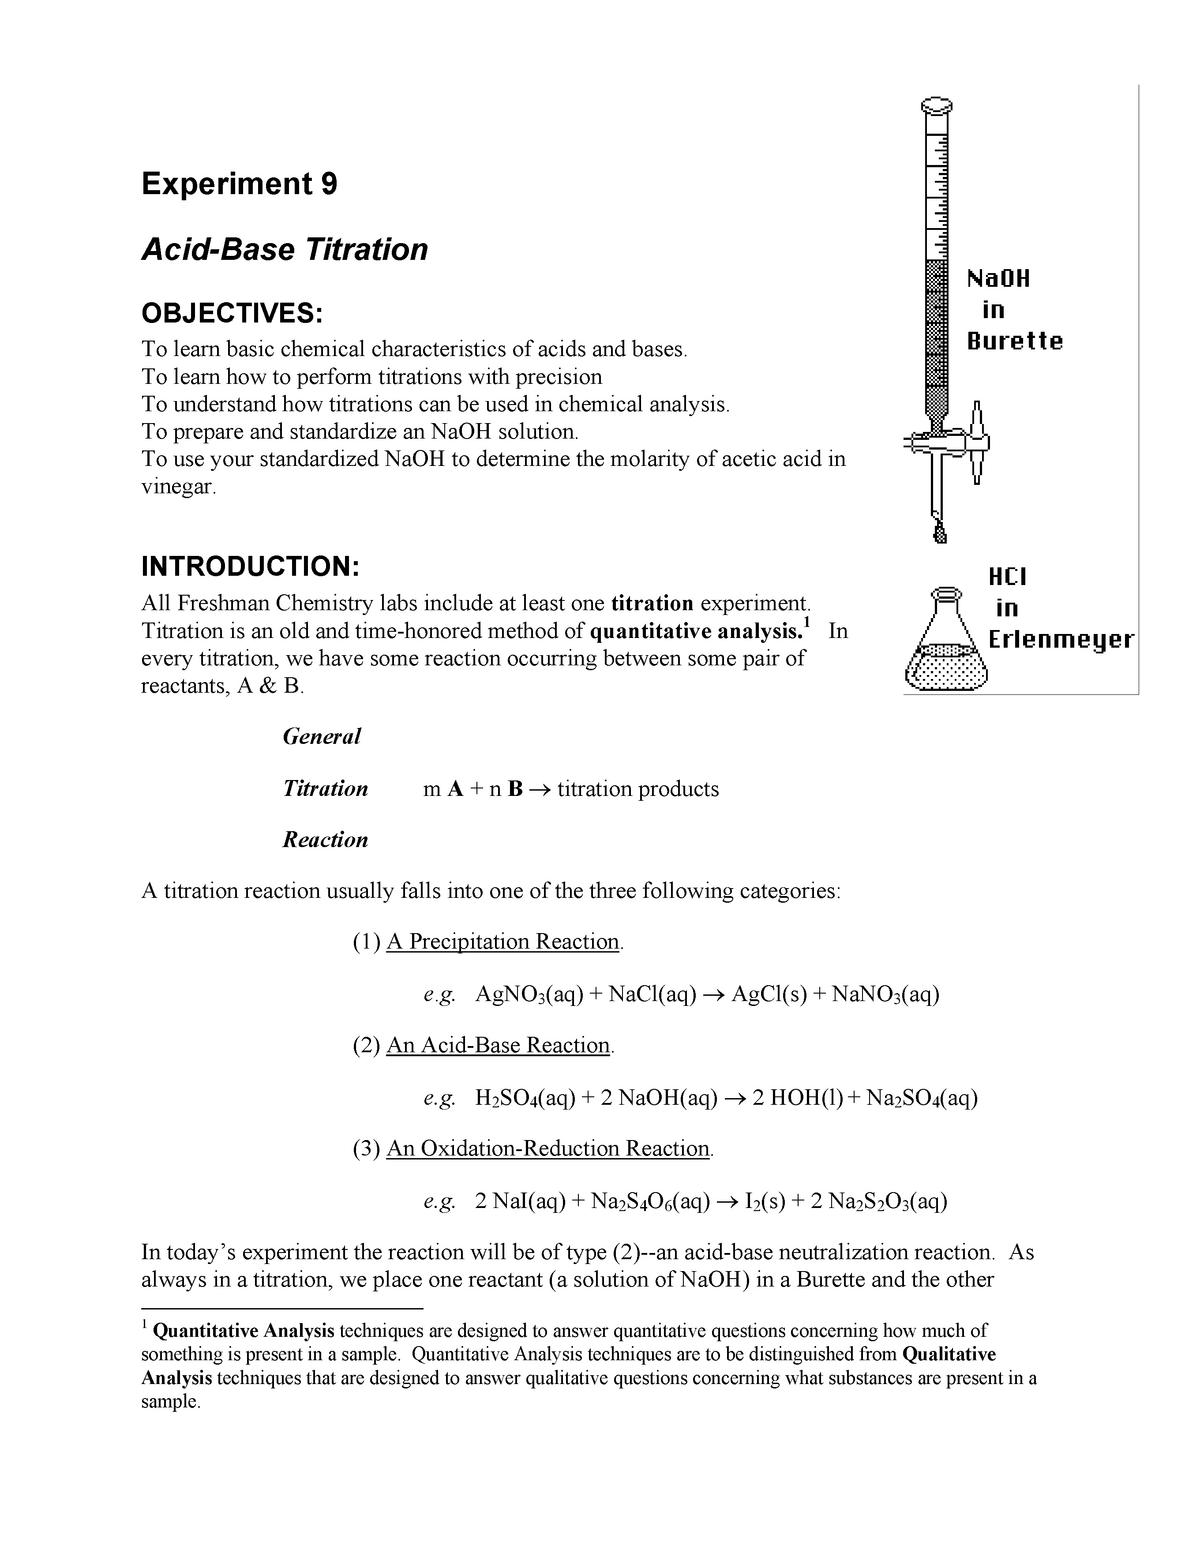 Lecture Notes 9 + Experiment 9 : ACID-BASE TITRATION - CHEM 121L